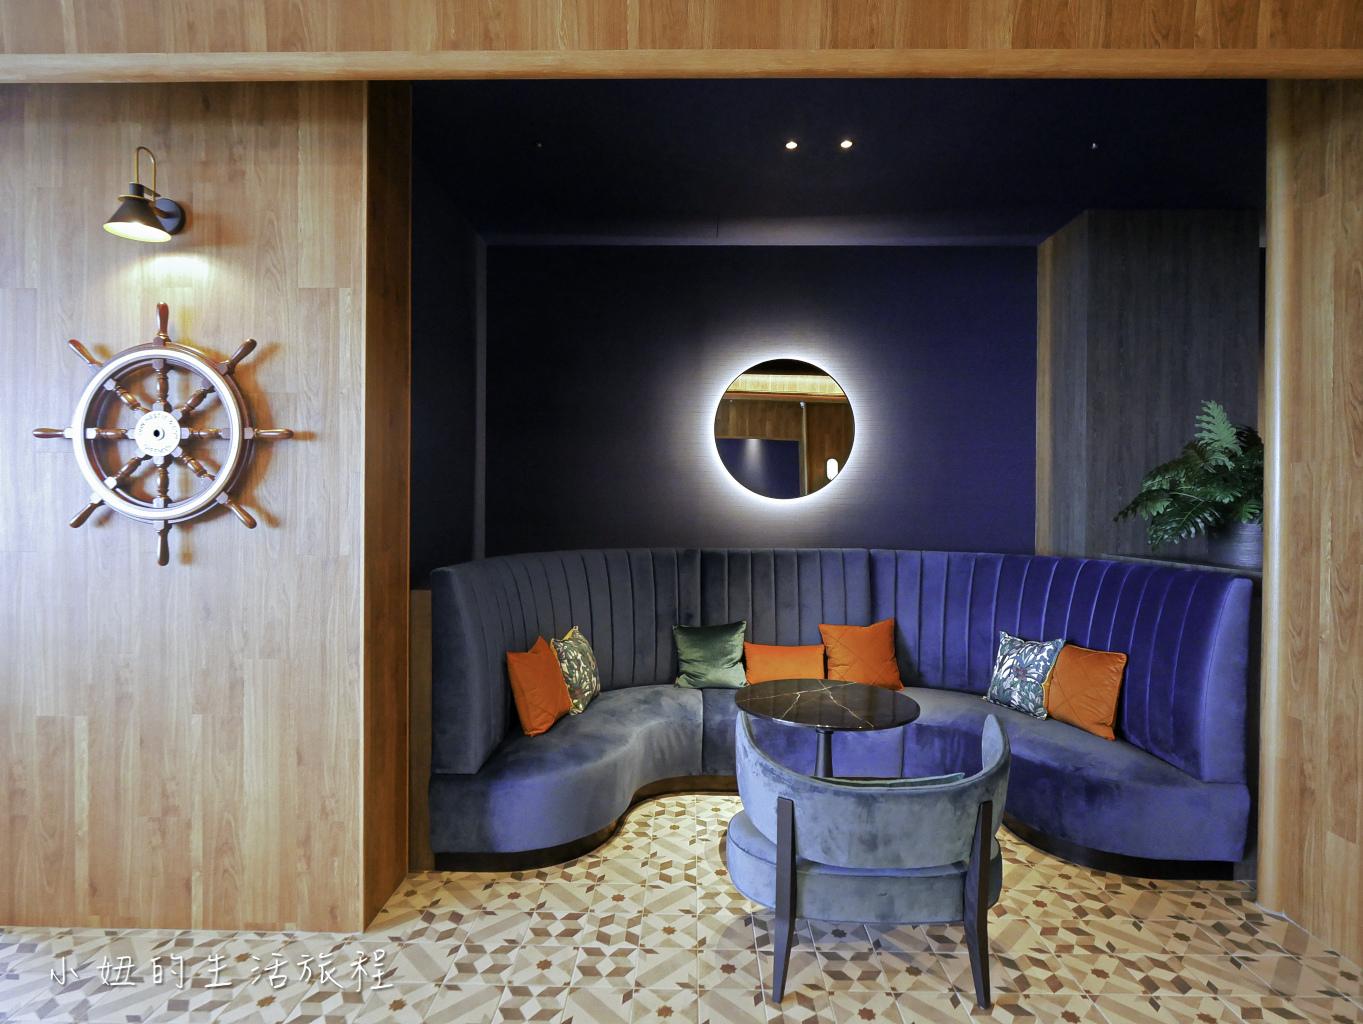 COZZI Blu 和逸飯店-43.jpg